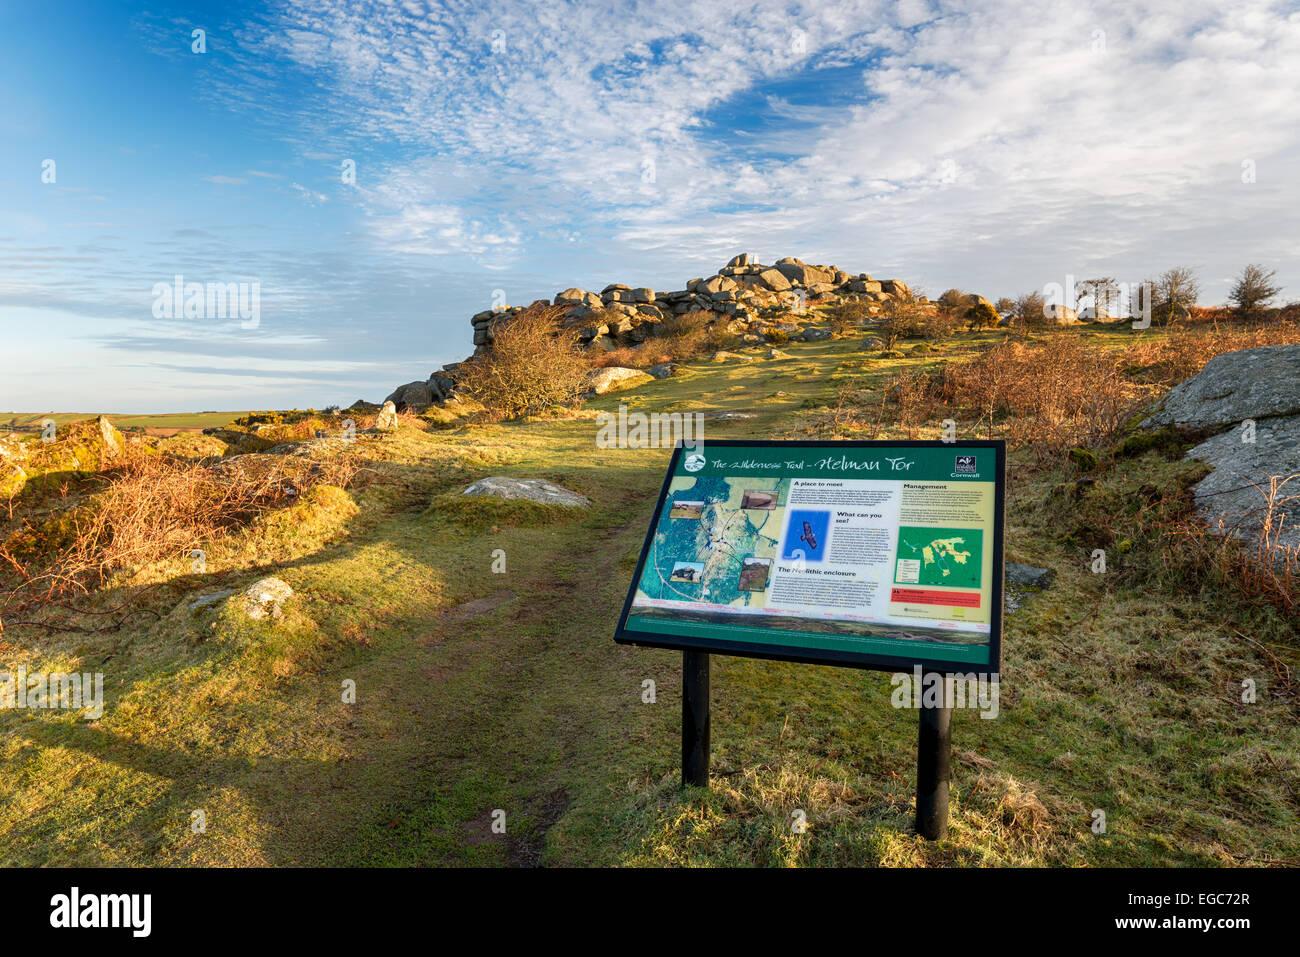 Tor Helman un escarpado peñón de granito y páramos del Neolitico antiguo alojamiento en el camino de los Santos y el sendero de larga distancia Foto de stock